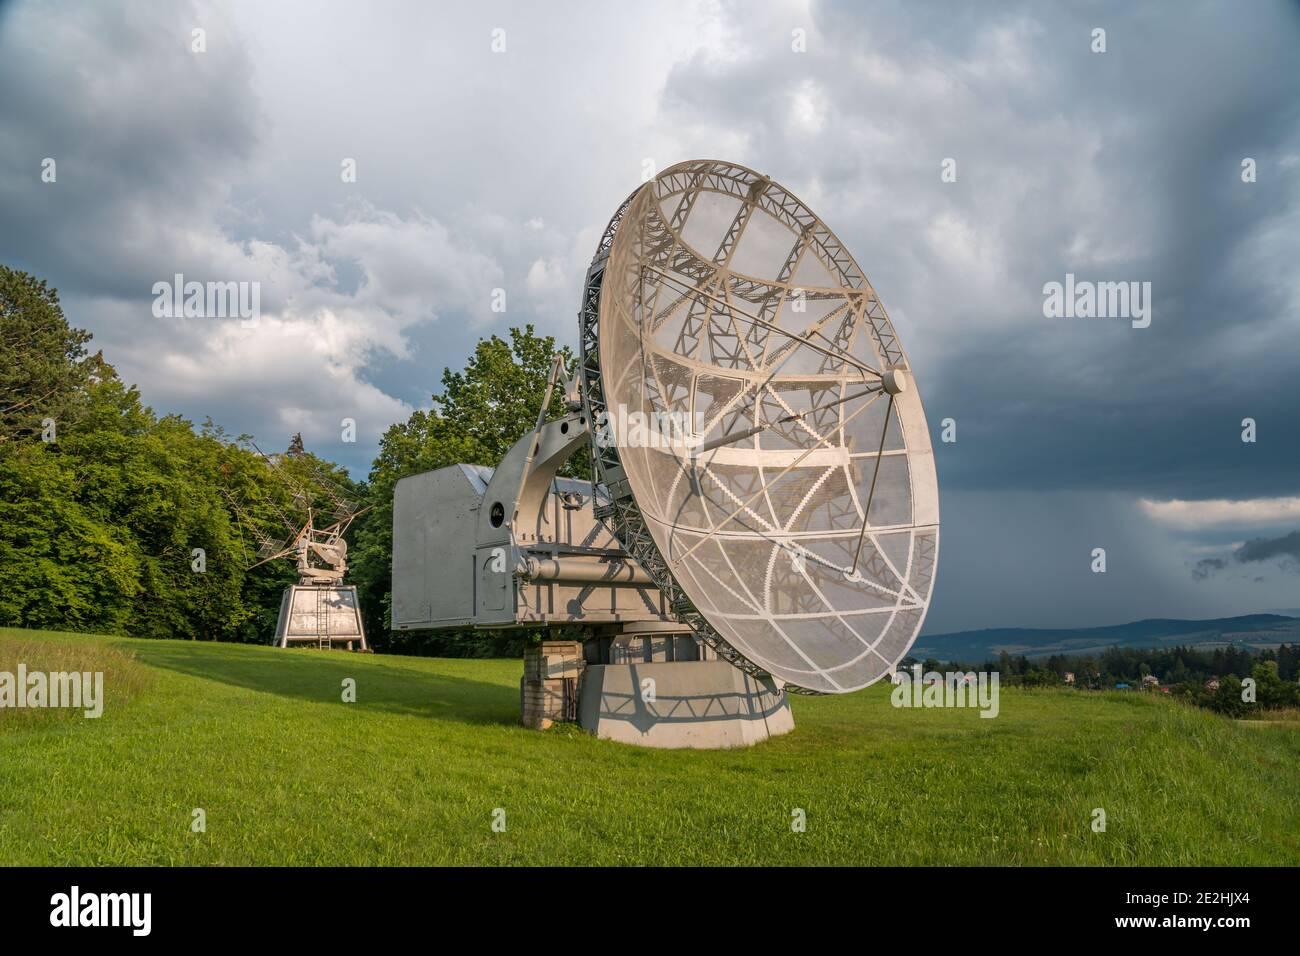 Parabole satellite dans un paysage d'été, radiotelescope pour la recherche spatiale profonde. Observatoire d'Ondrejov, République tchèque. Banque D'Images